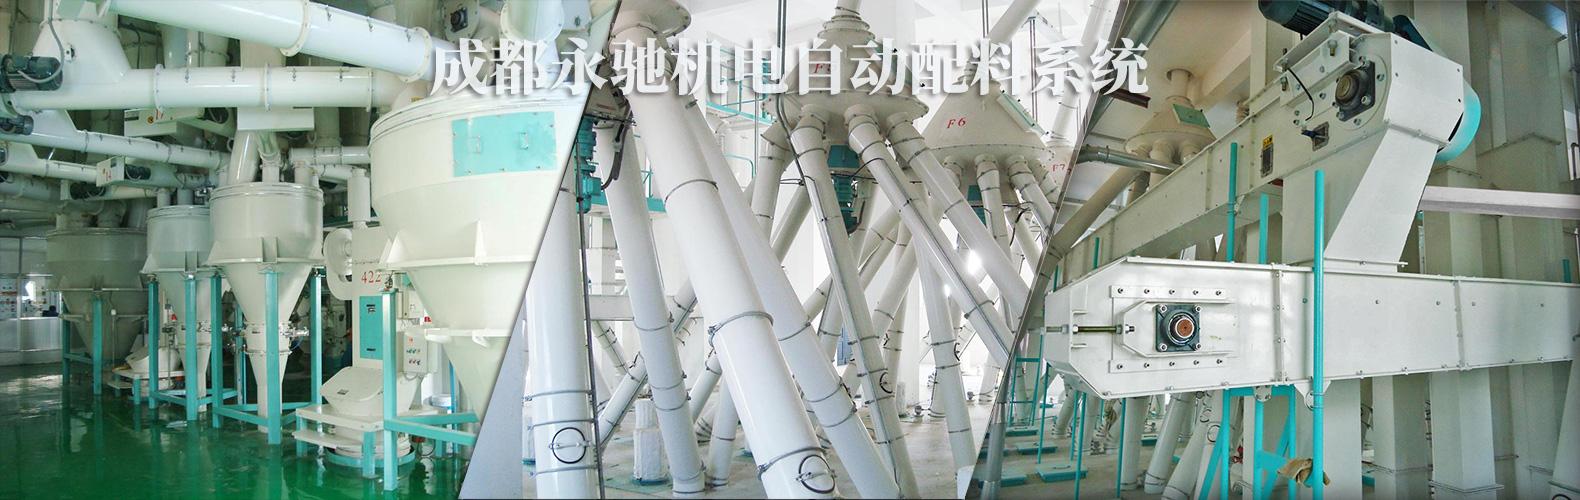 四川w优德88官网的优德88官方网APP生产线全自动配料系统